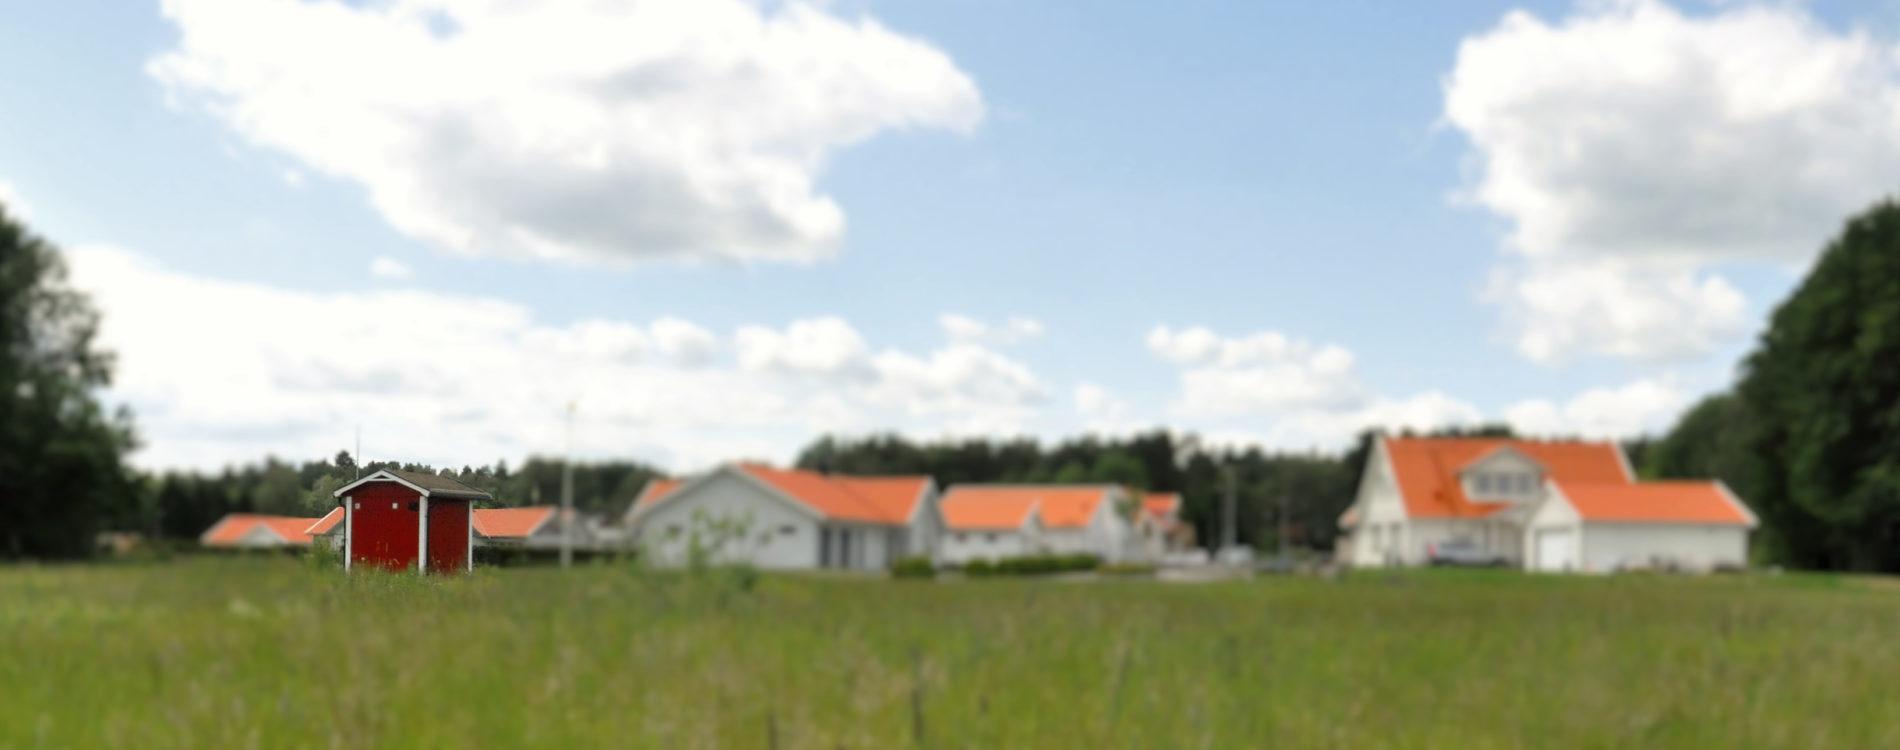 Pumphus från Provektor i bostadsområde